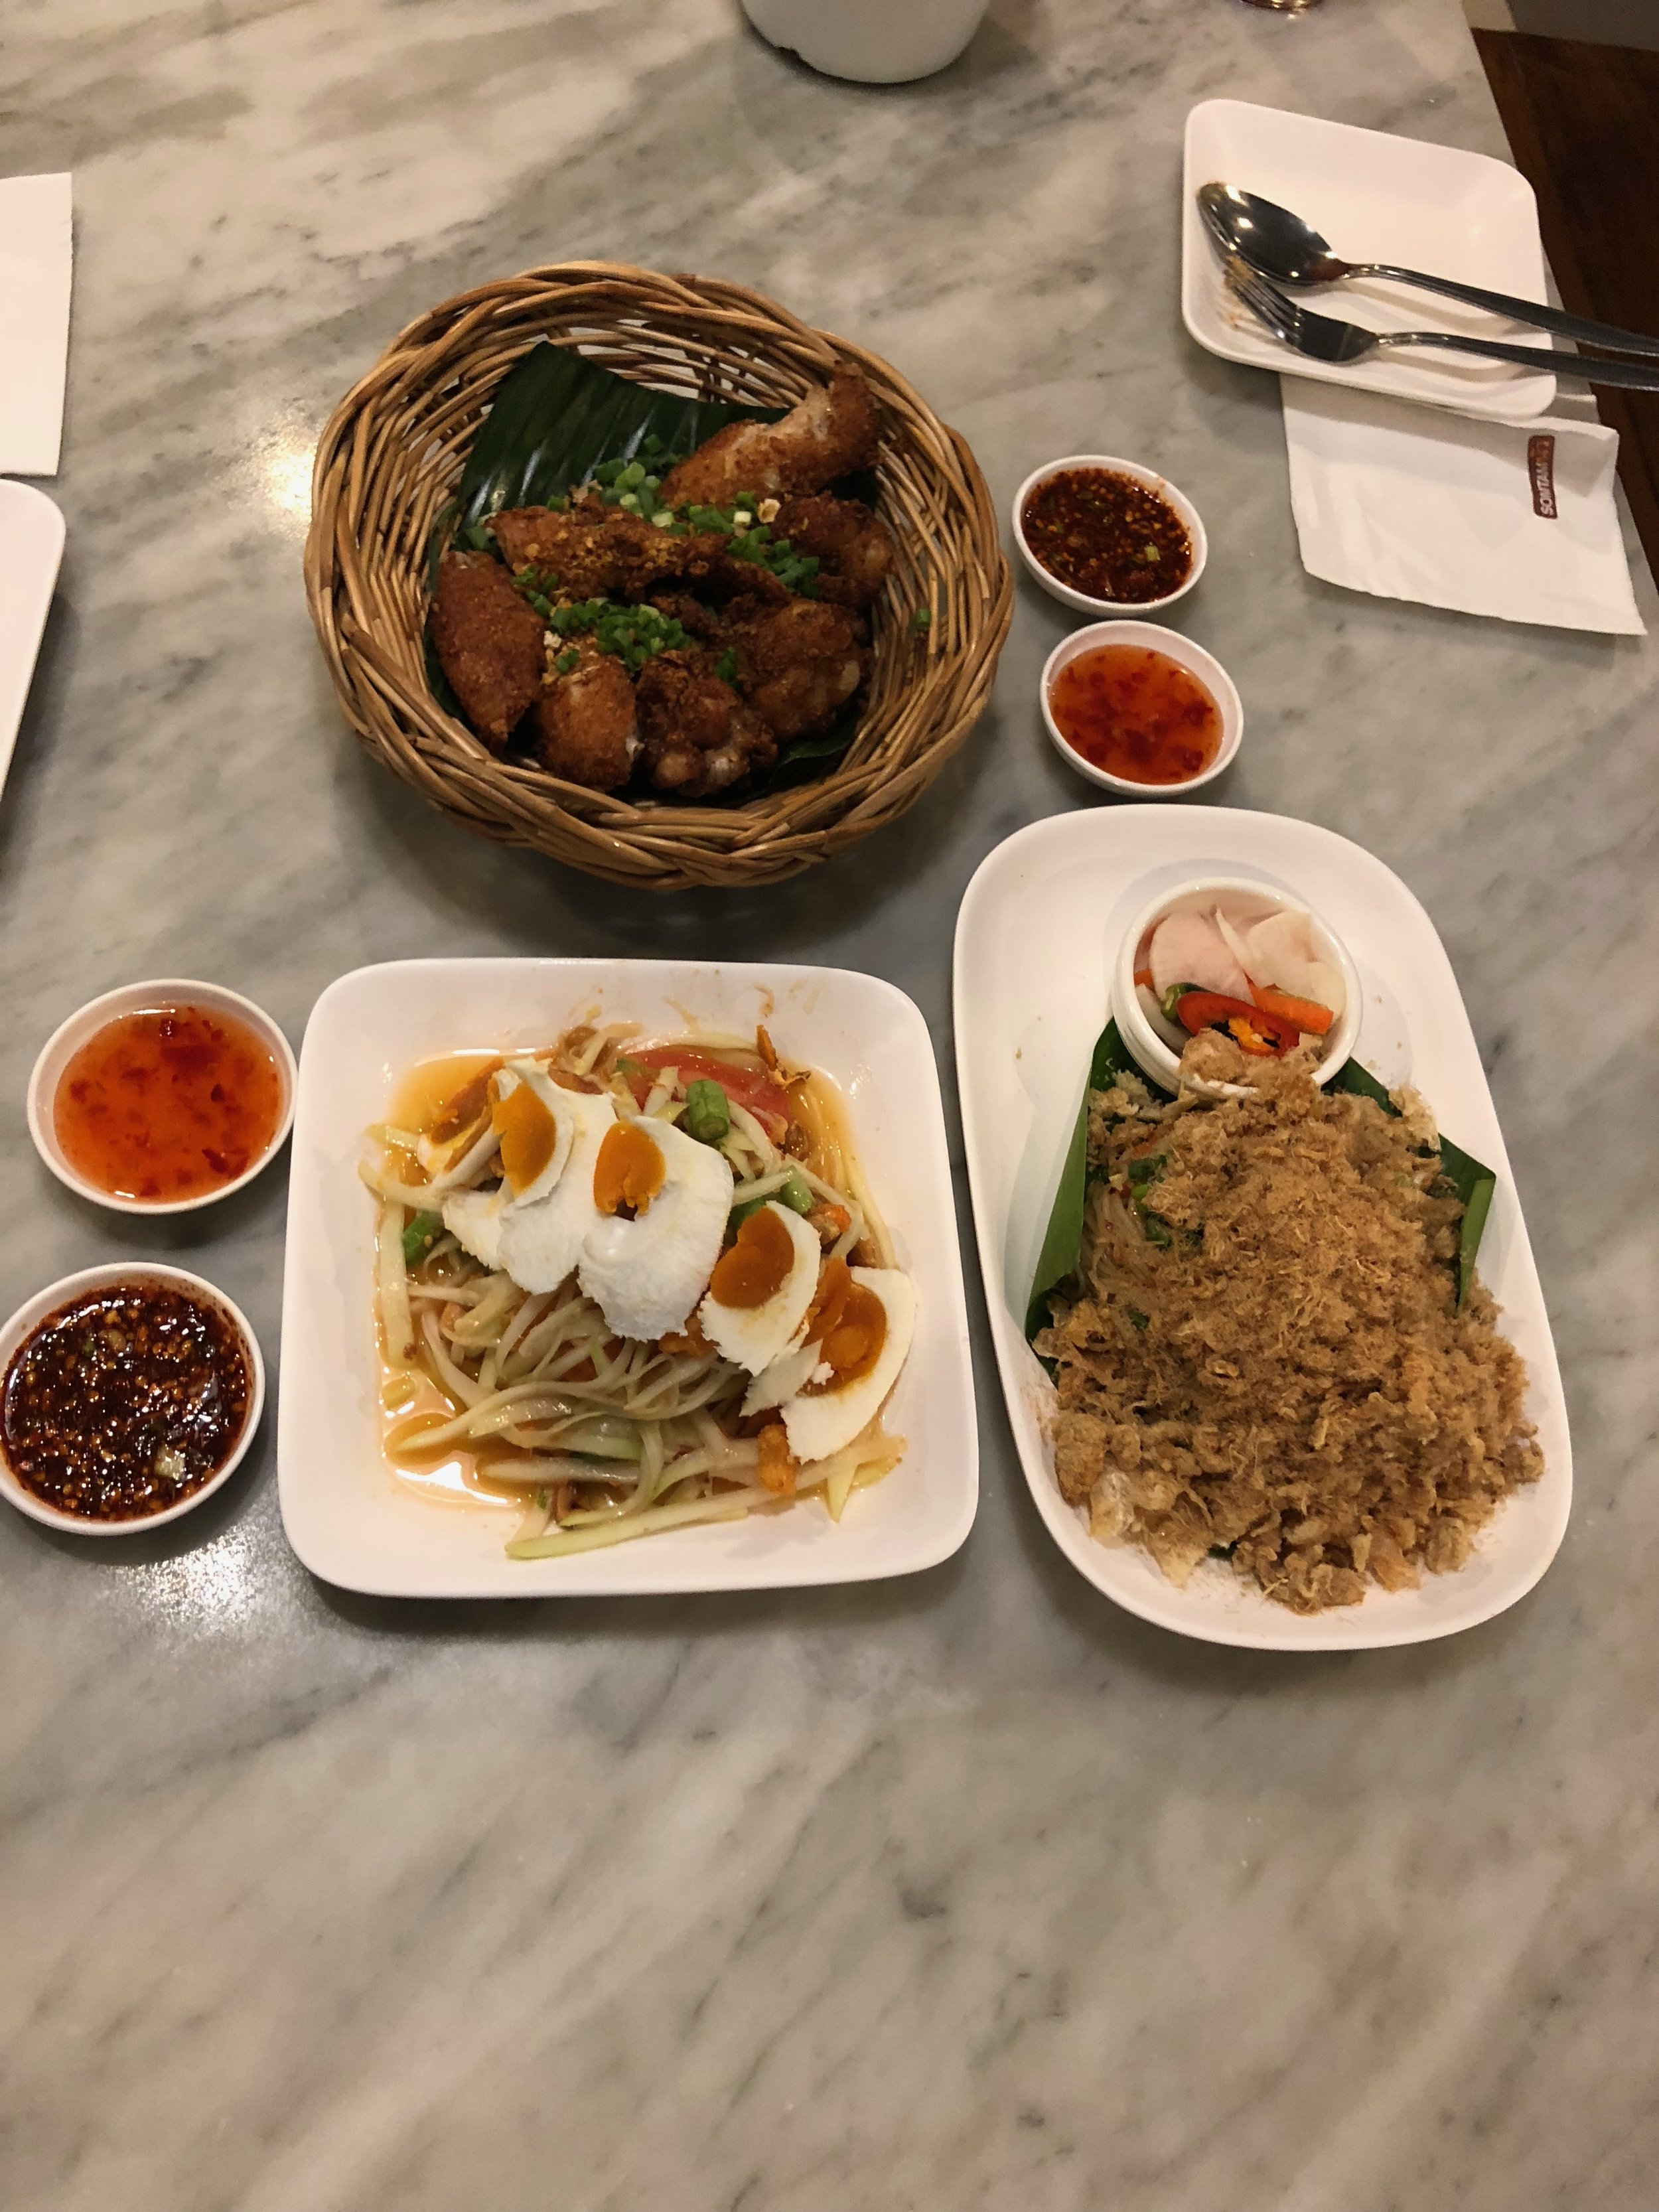 Muchos platos de comida súper picantes😜.